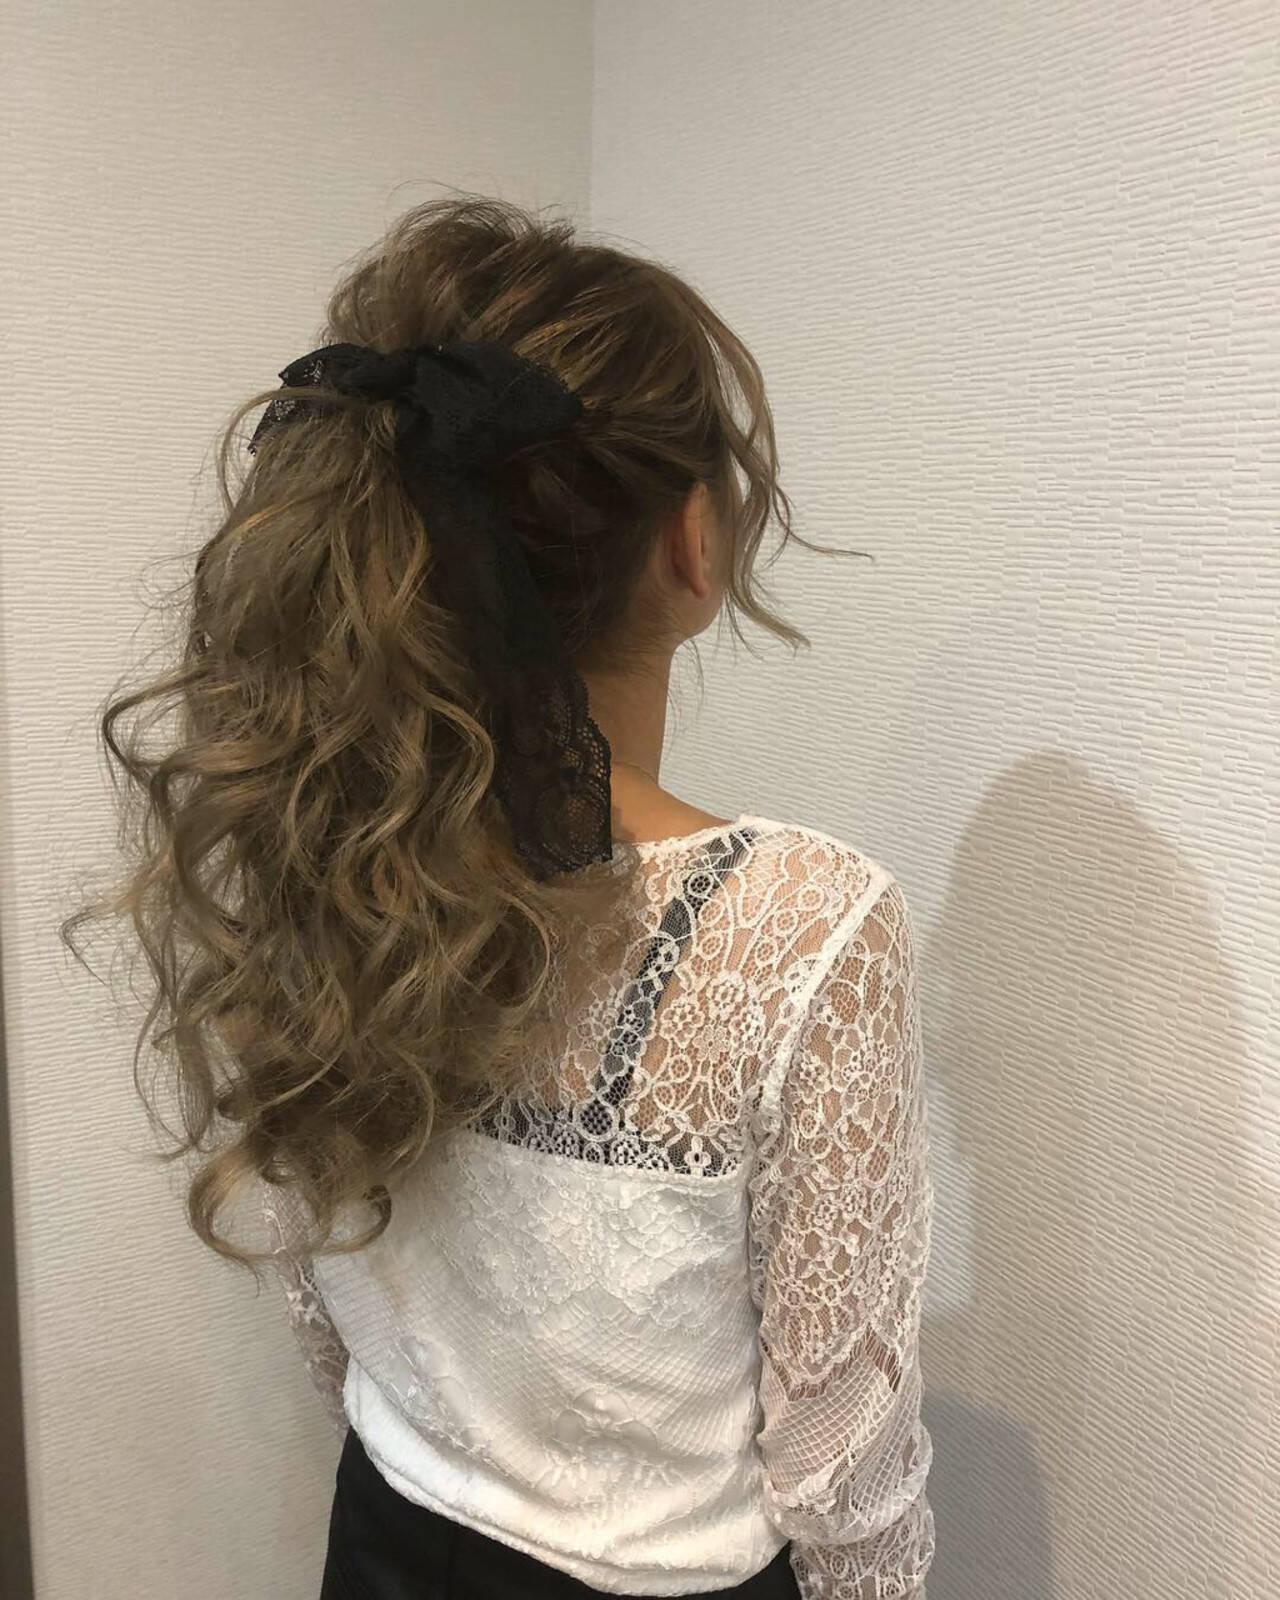 ロング ガーリー アップスタイル ポニーテールヘアスタイルや髪型の写真・画像